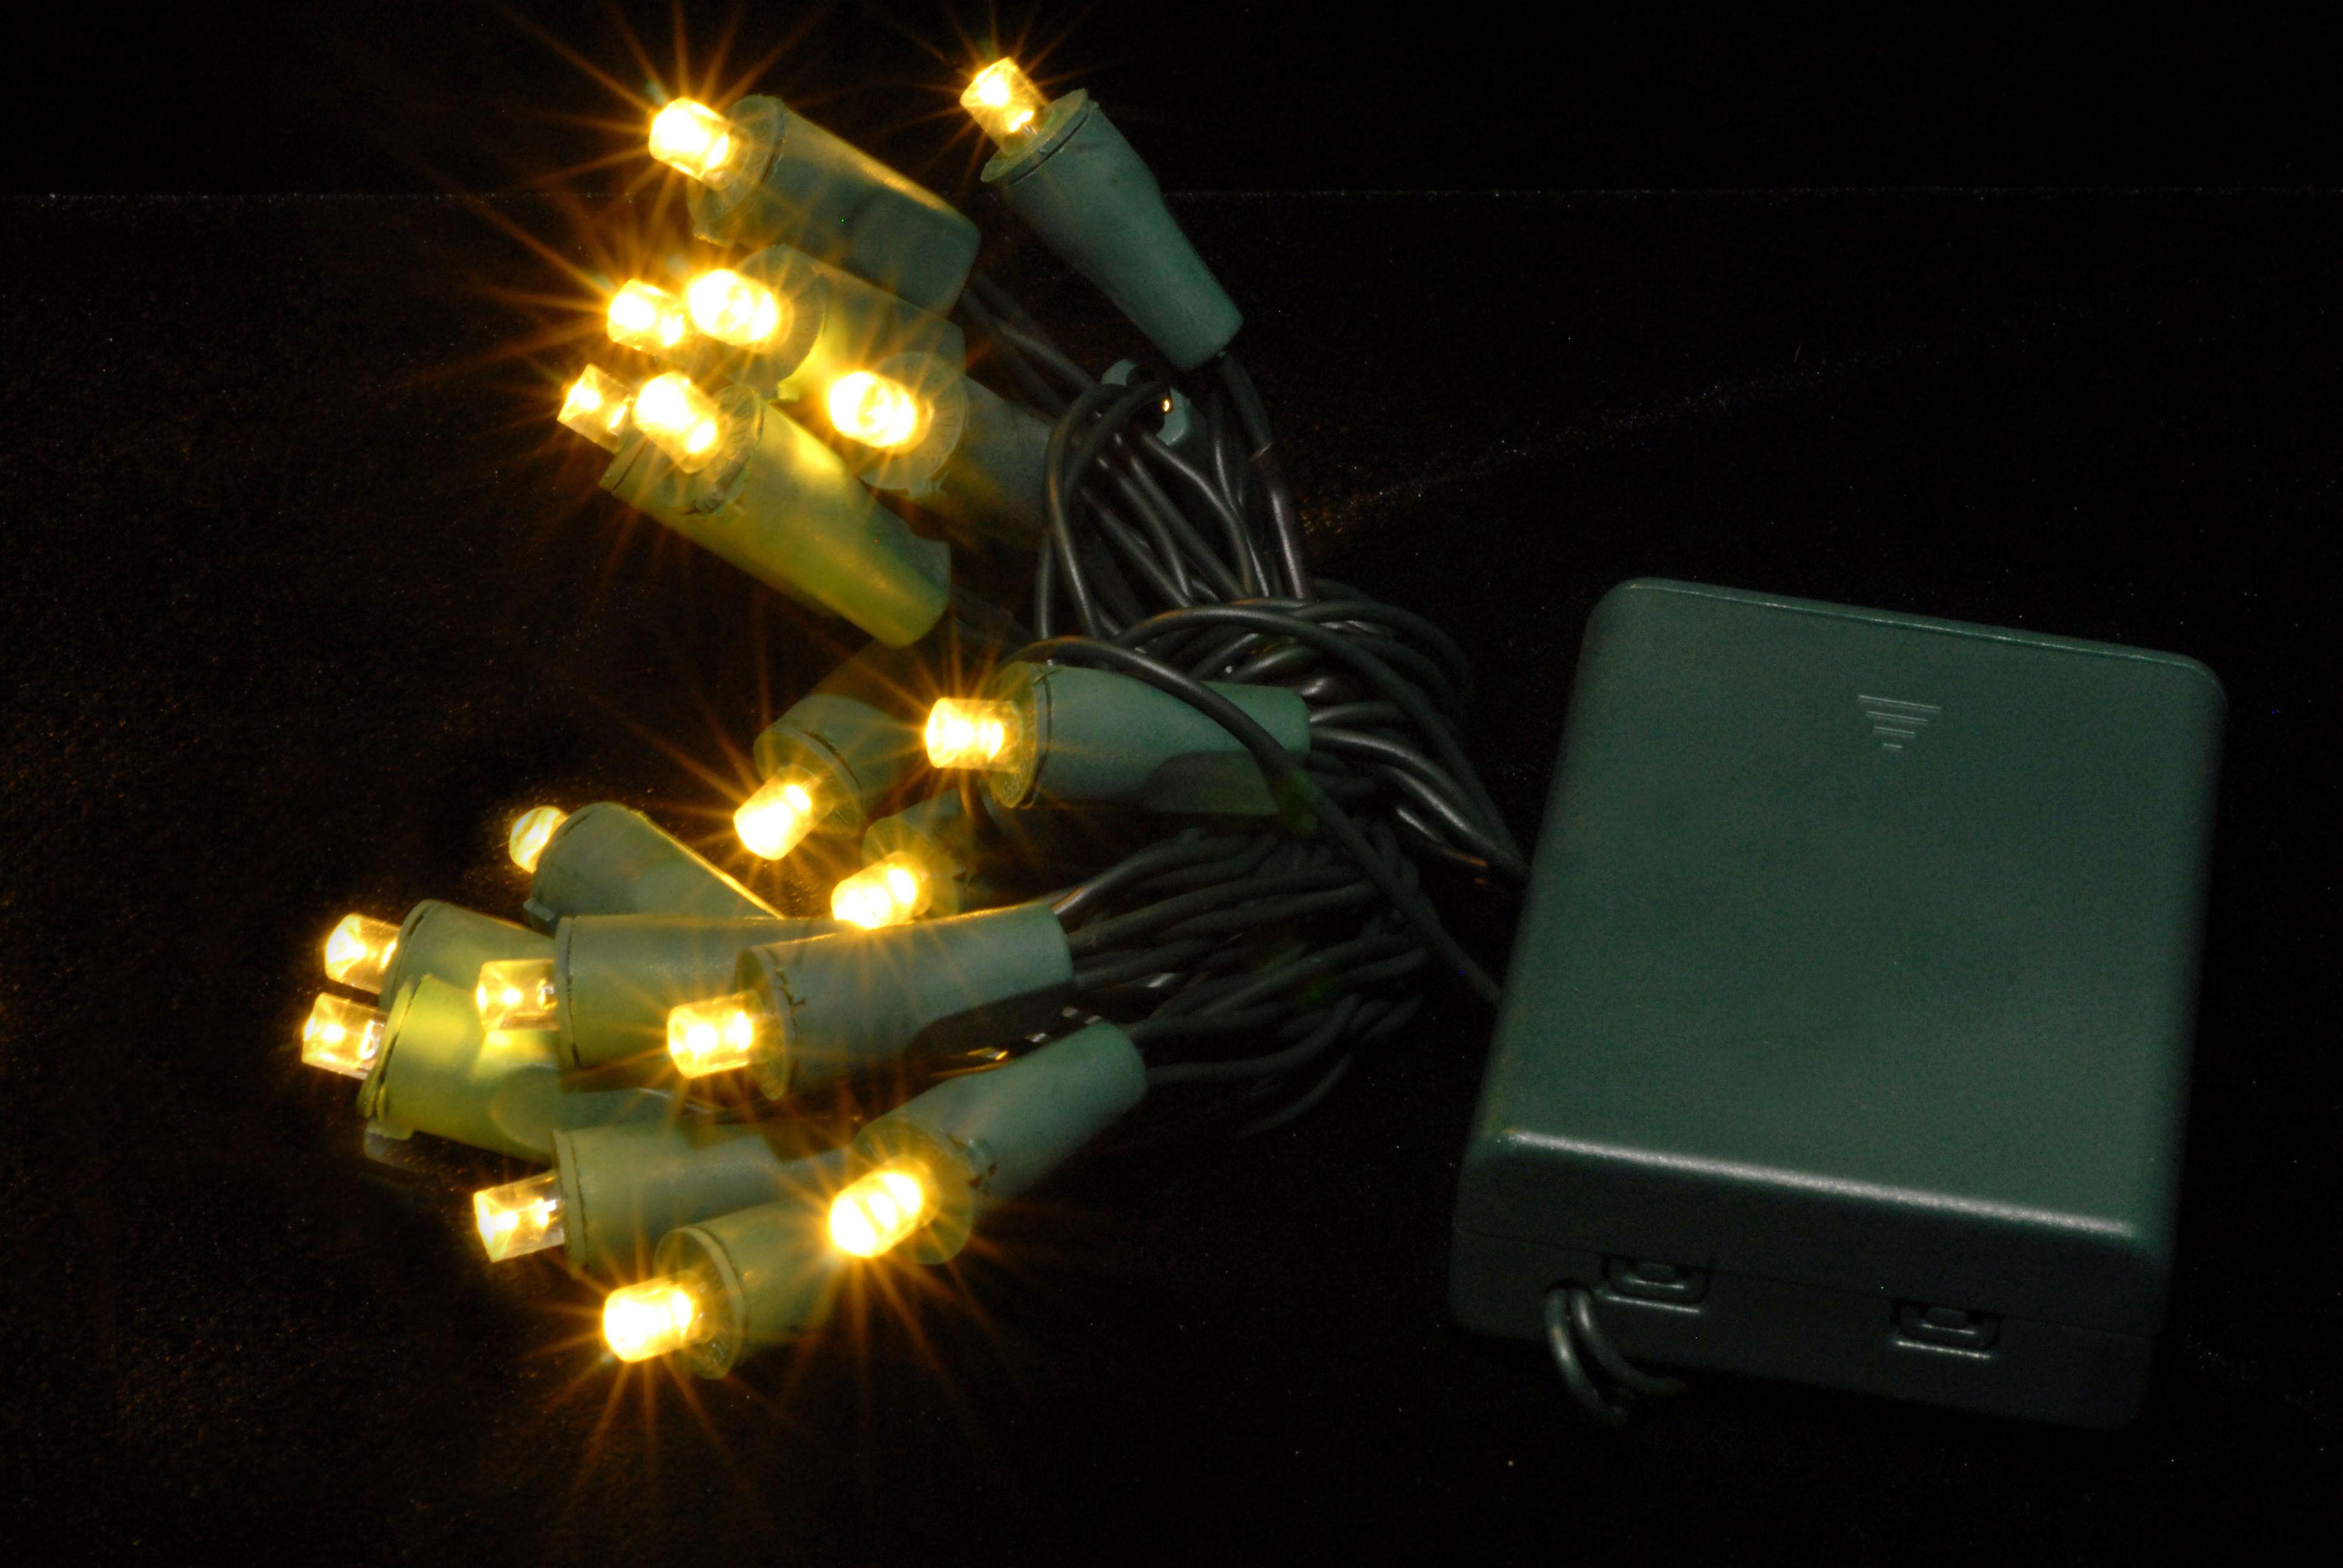 Portable Christmas Lights Bestwhiteledchristmaslightsreviews Whiteledchristmaslights Lamppedia Http